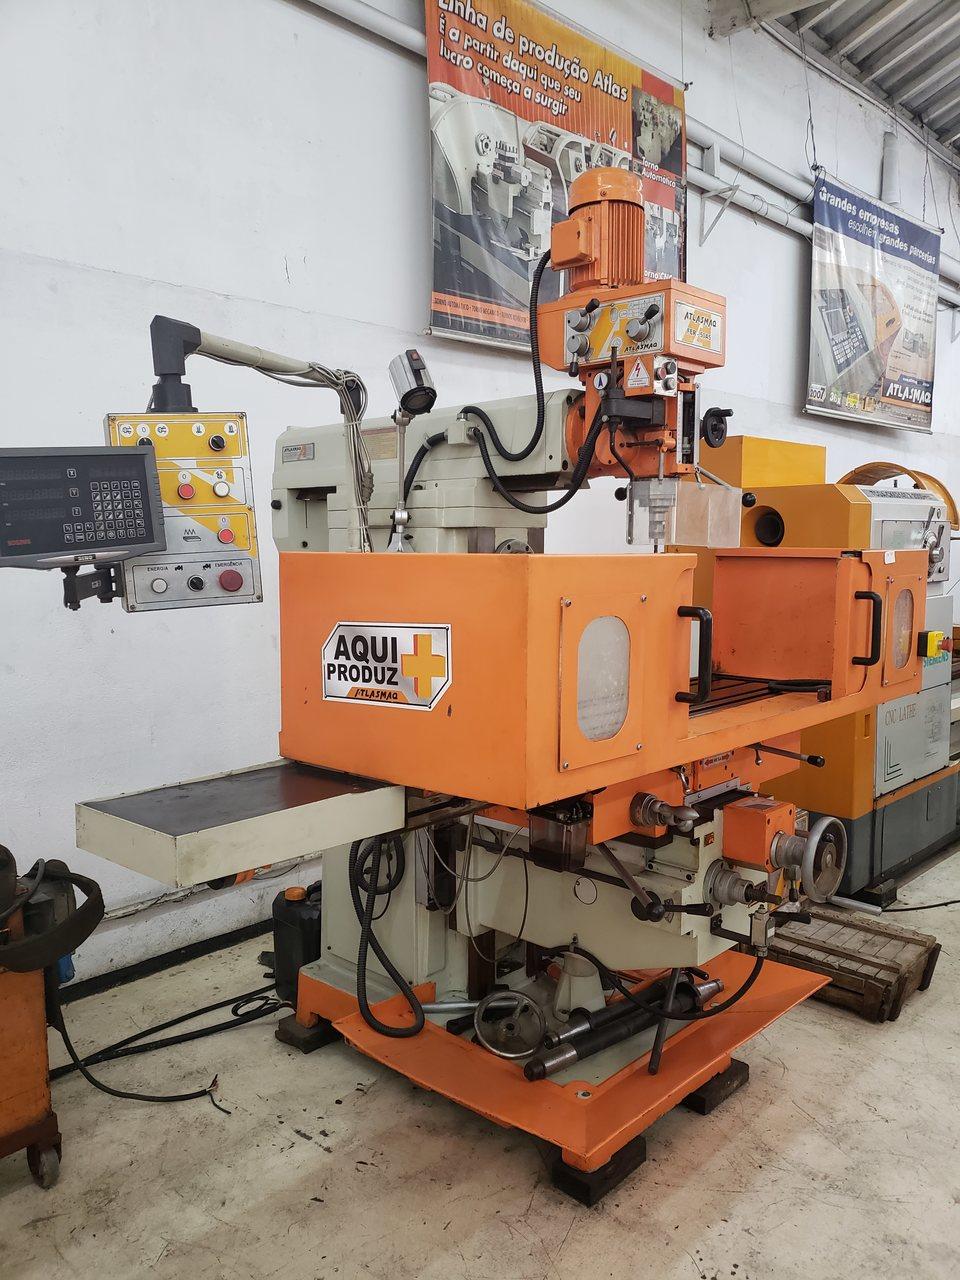 Fresa Ferramenteira Atlasmaq Fer50A-5 NR12, Digital, Refrigeracao, 220V - Nova Maquina de Show Room na Garantia  - Atlasmaq